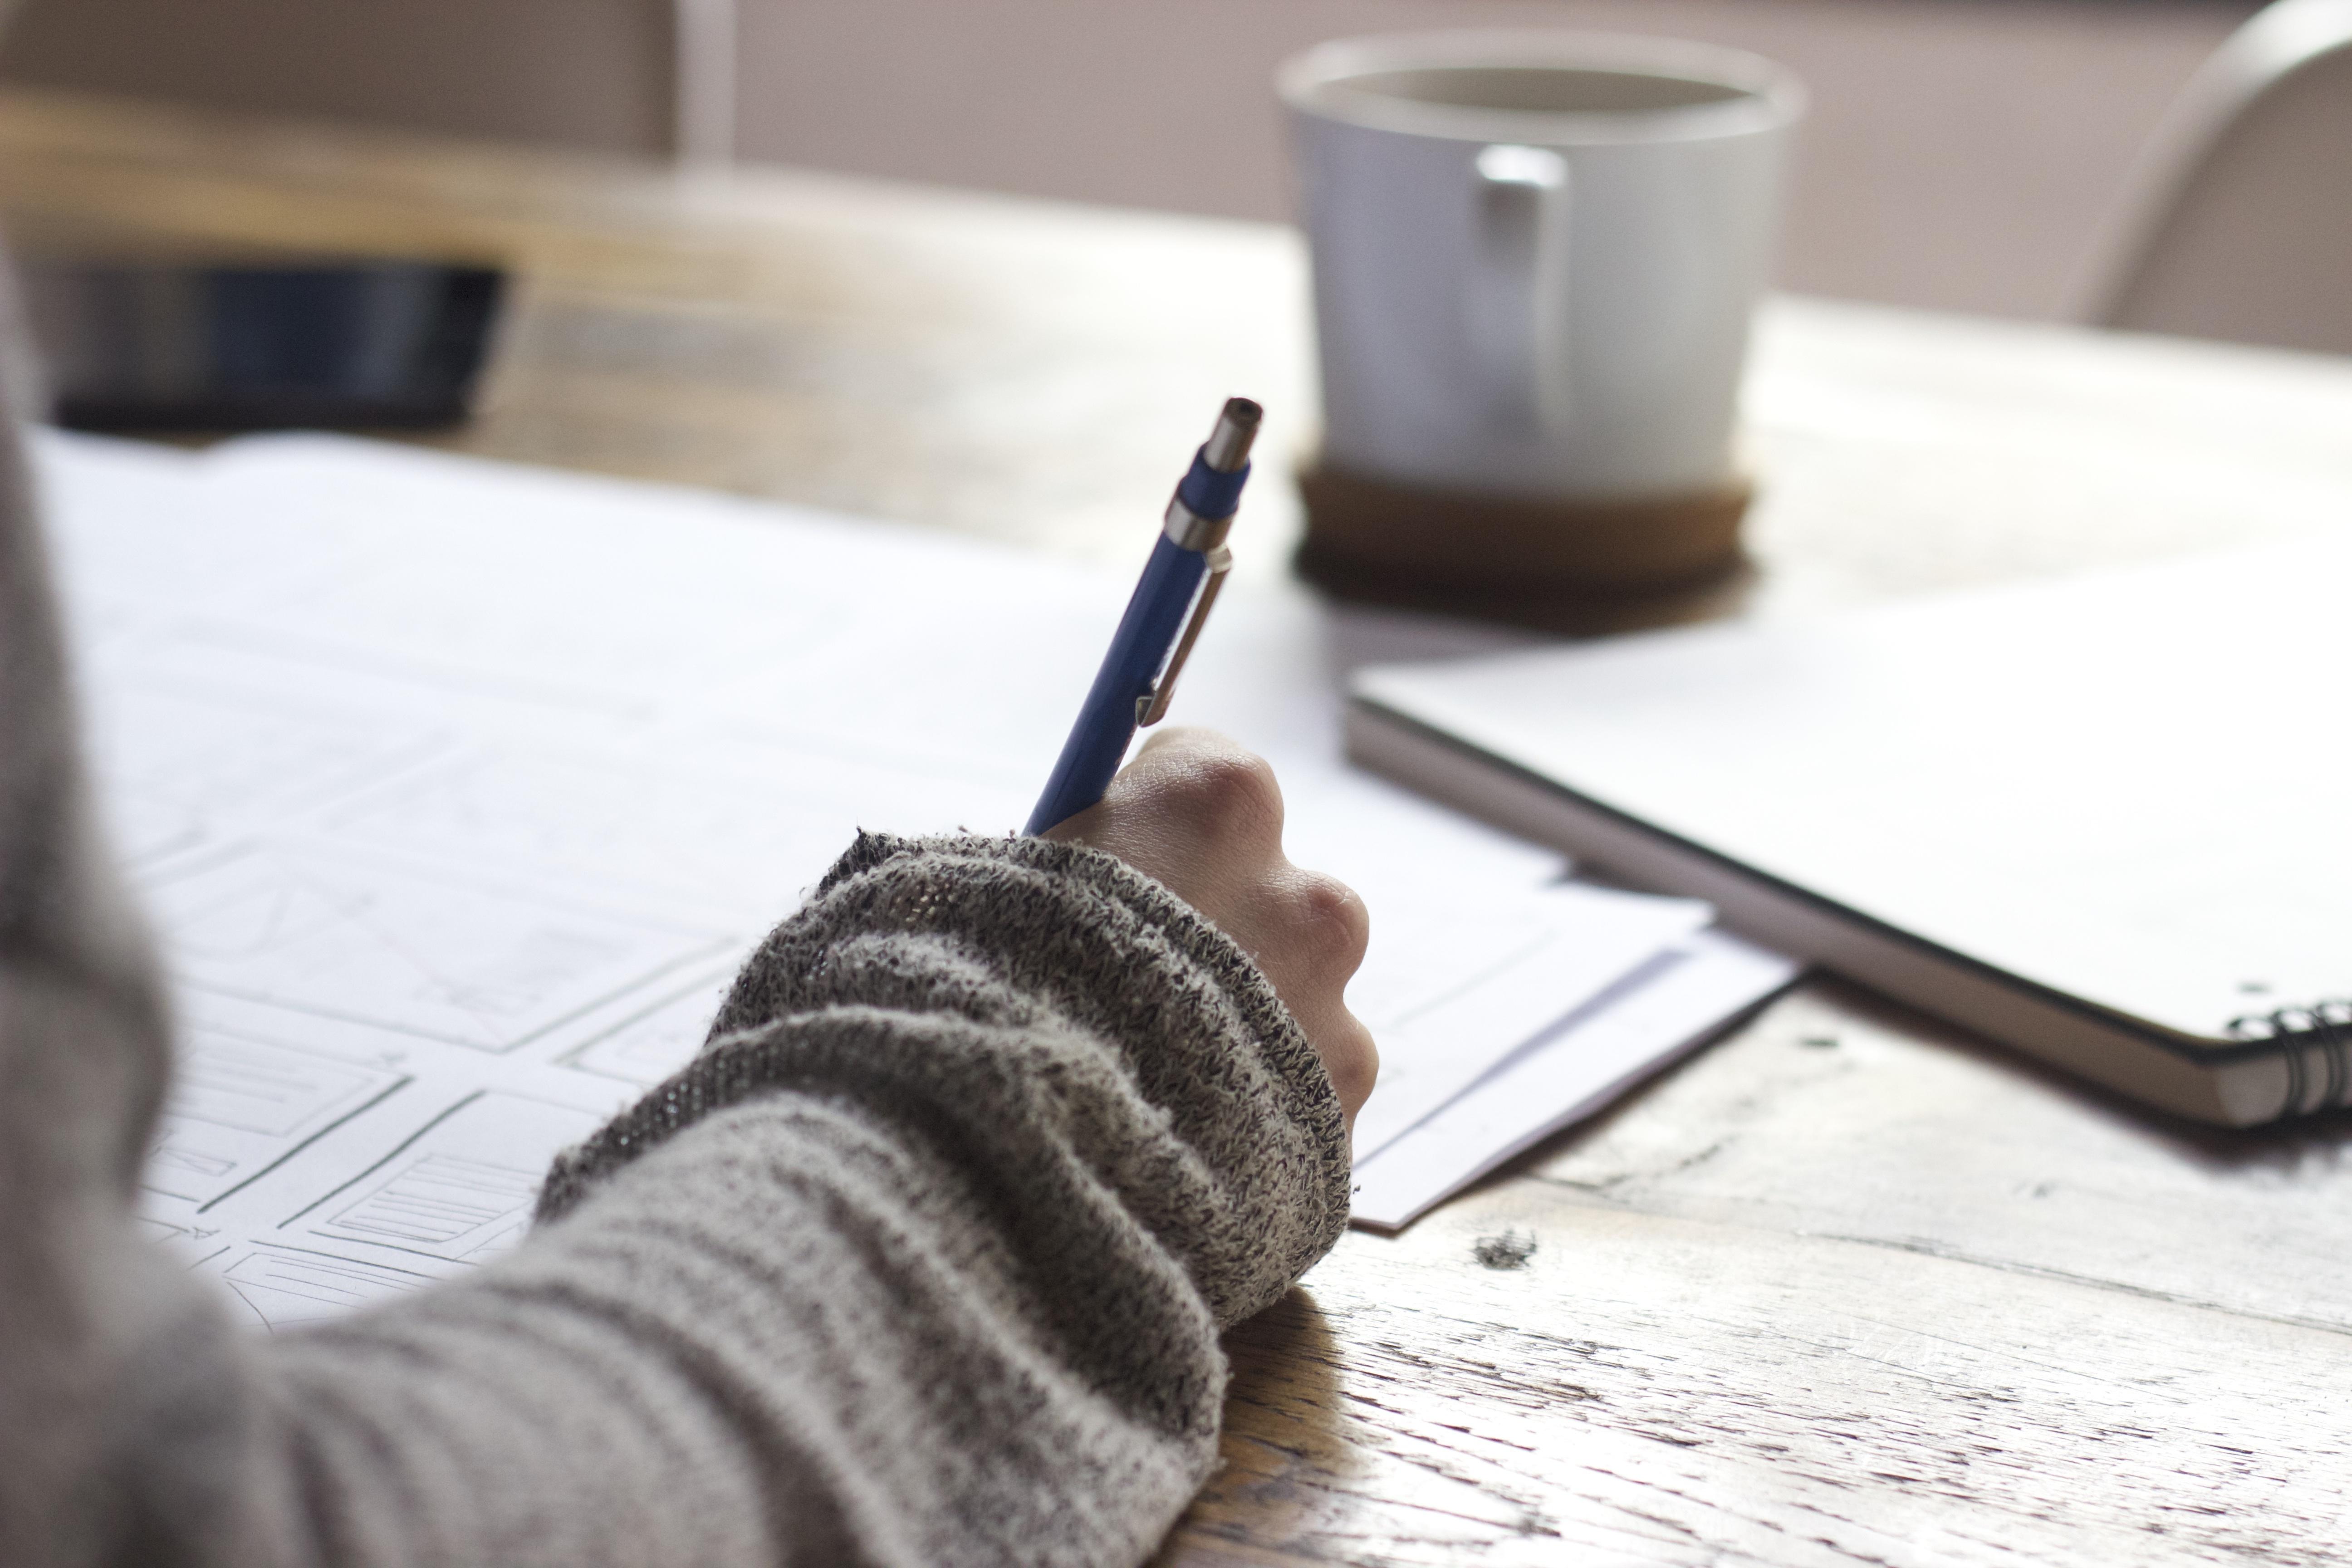 Pe 3 martie, se aniversează Ziua Mondială a Scriitorilor